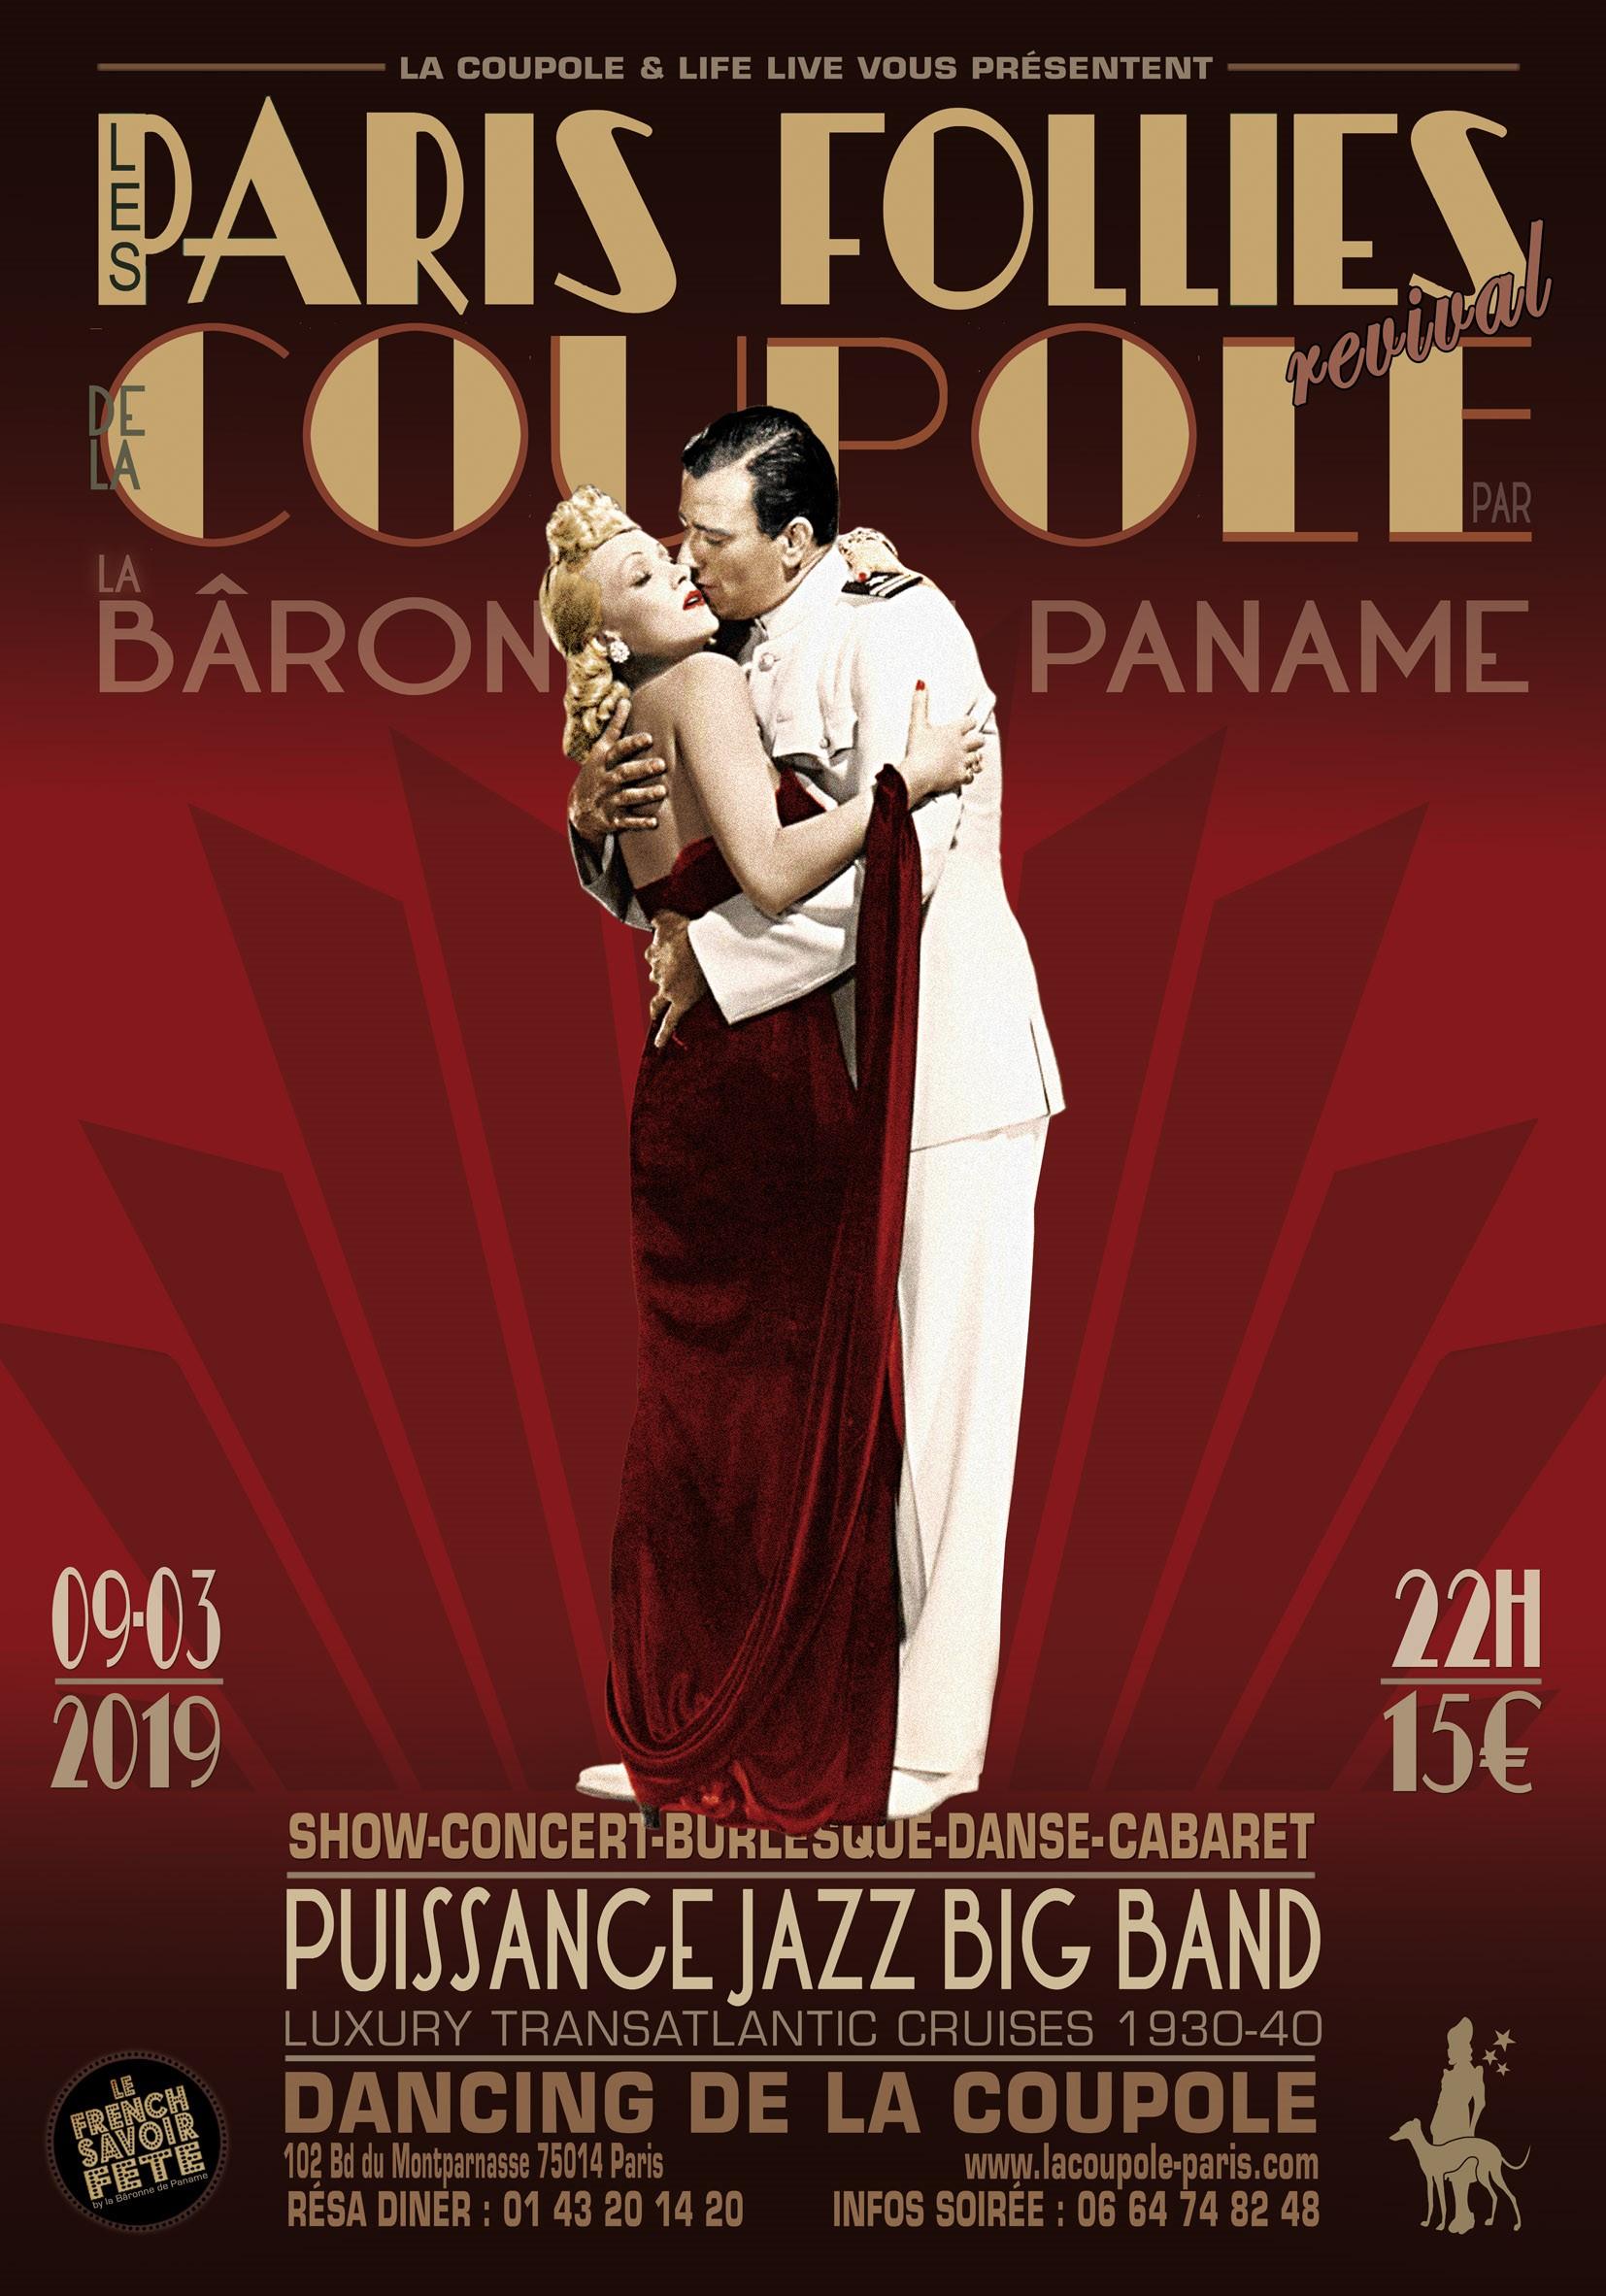 Paris Follies by La Bâronne de Paname - Puissance Jazz Big Band